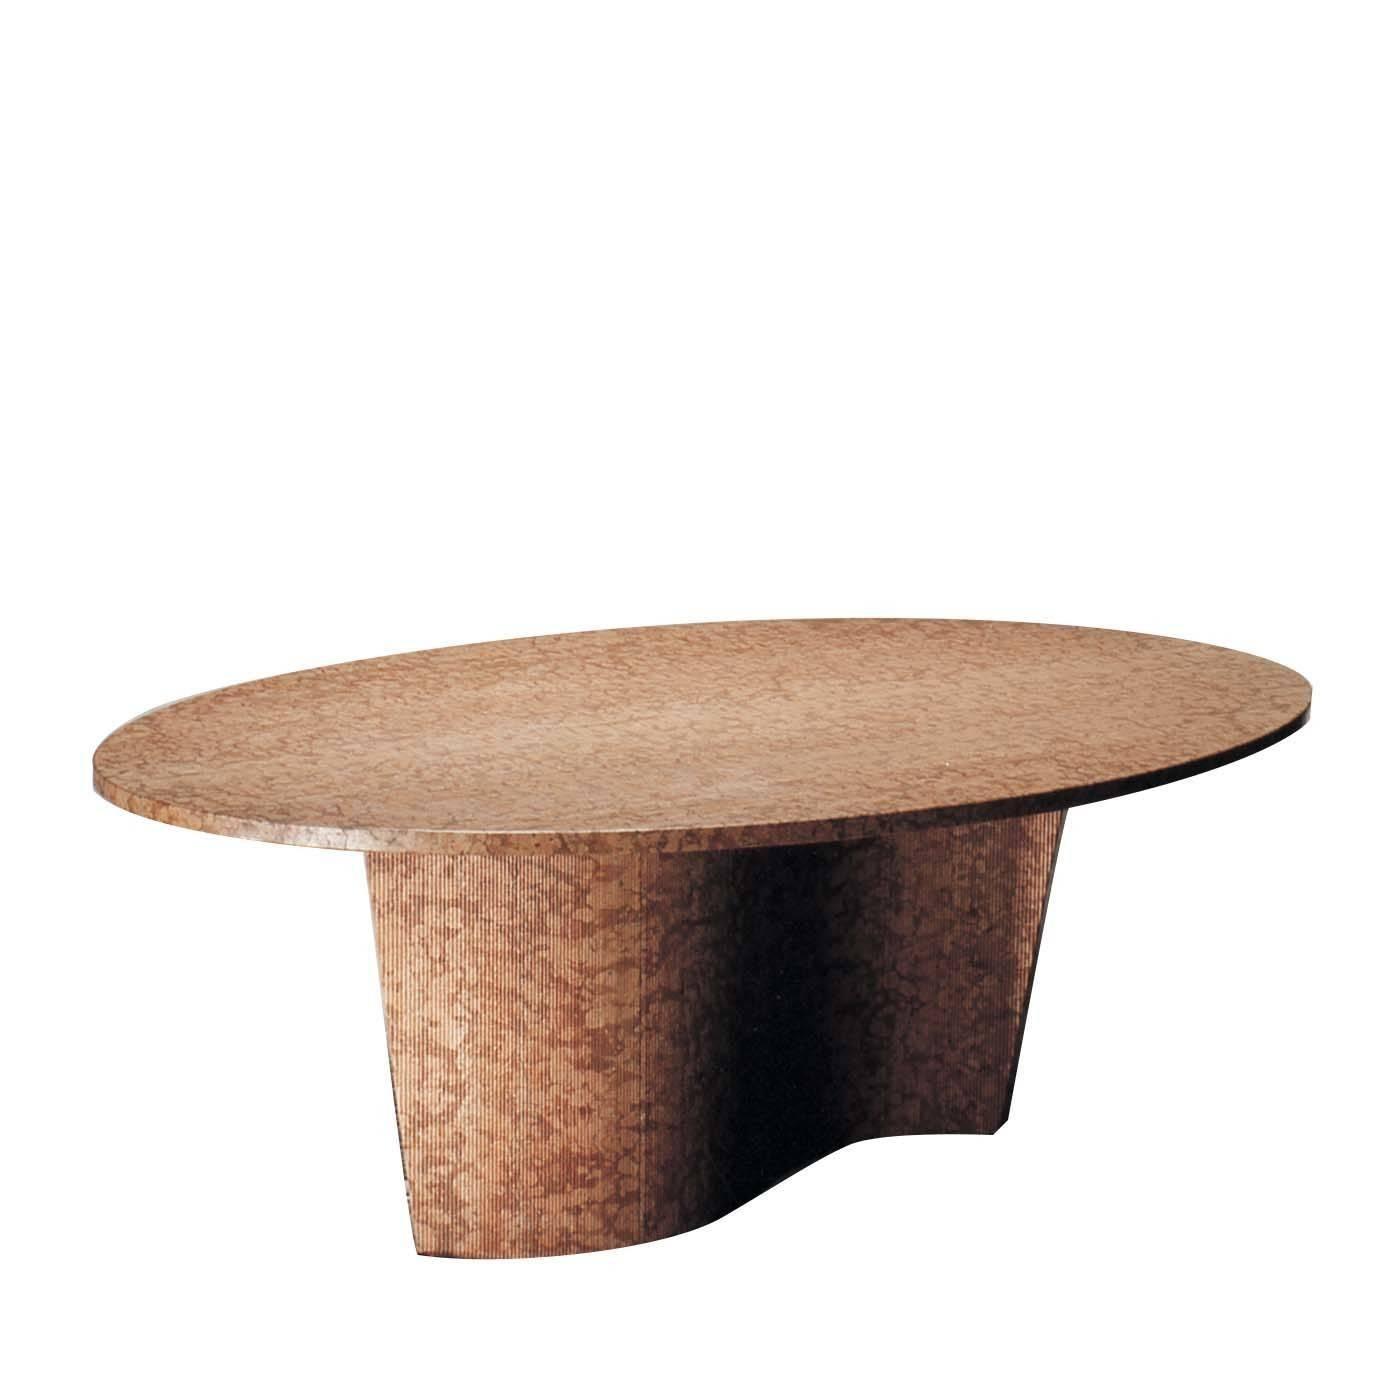 Doppiasvolta Dining Table by Mario Bellini